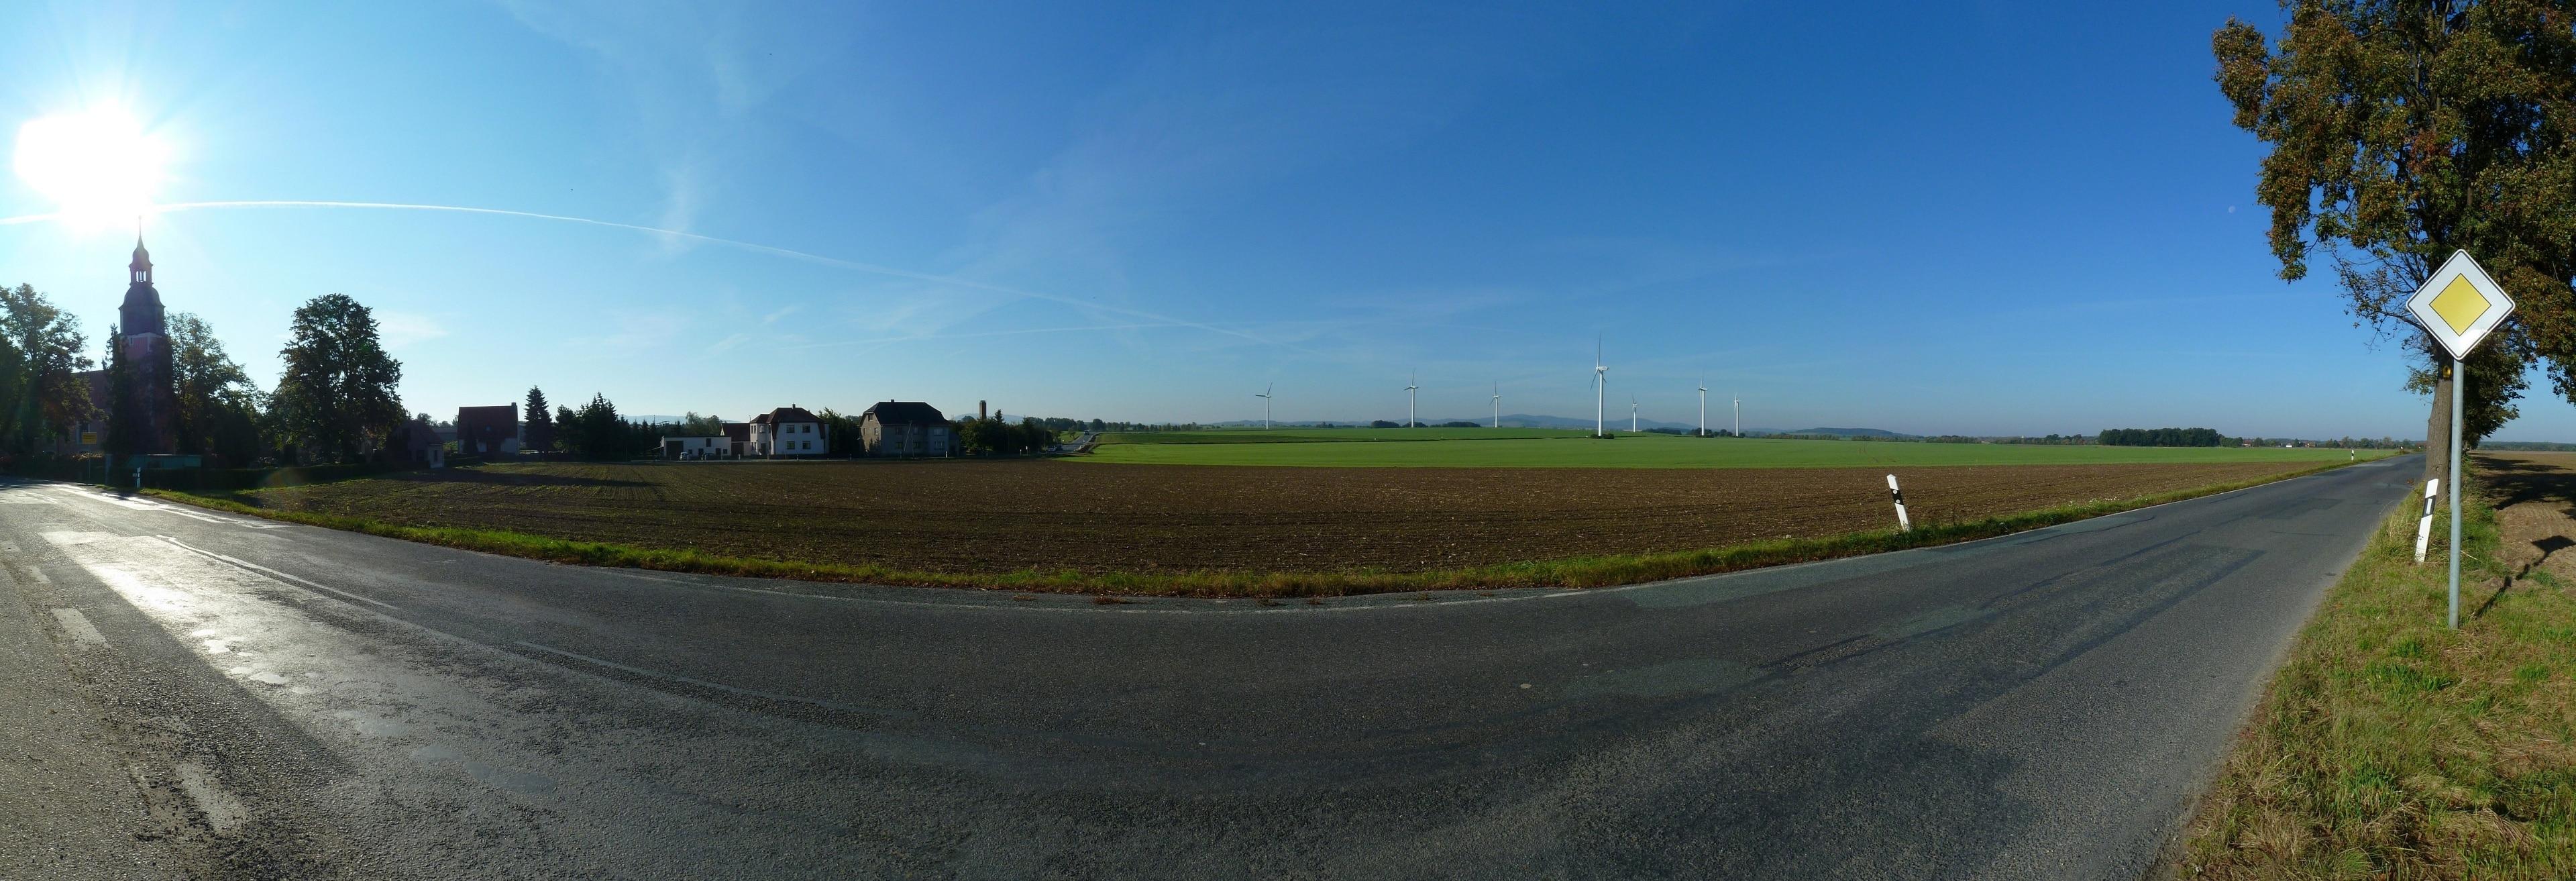 Vierkirchen, Sachsen, Deutschland